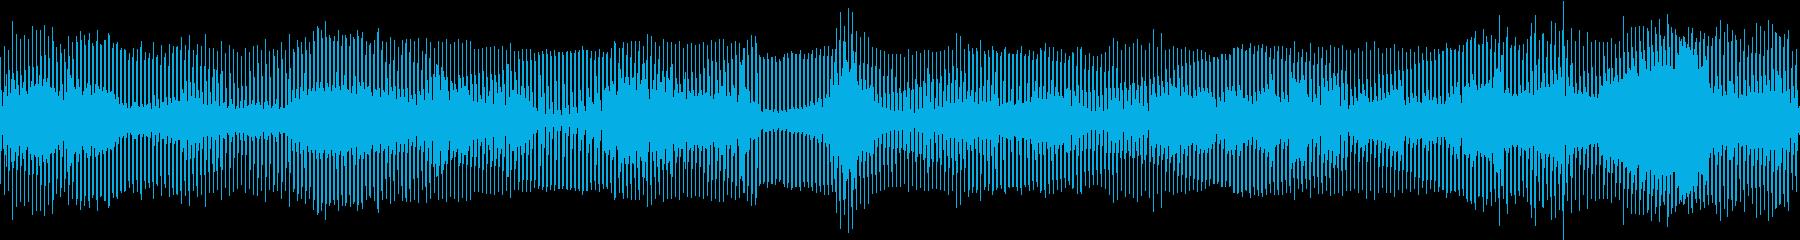 4つ打ちリズムメインの混沌とした曲の再生済みの波形